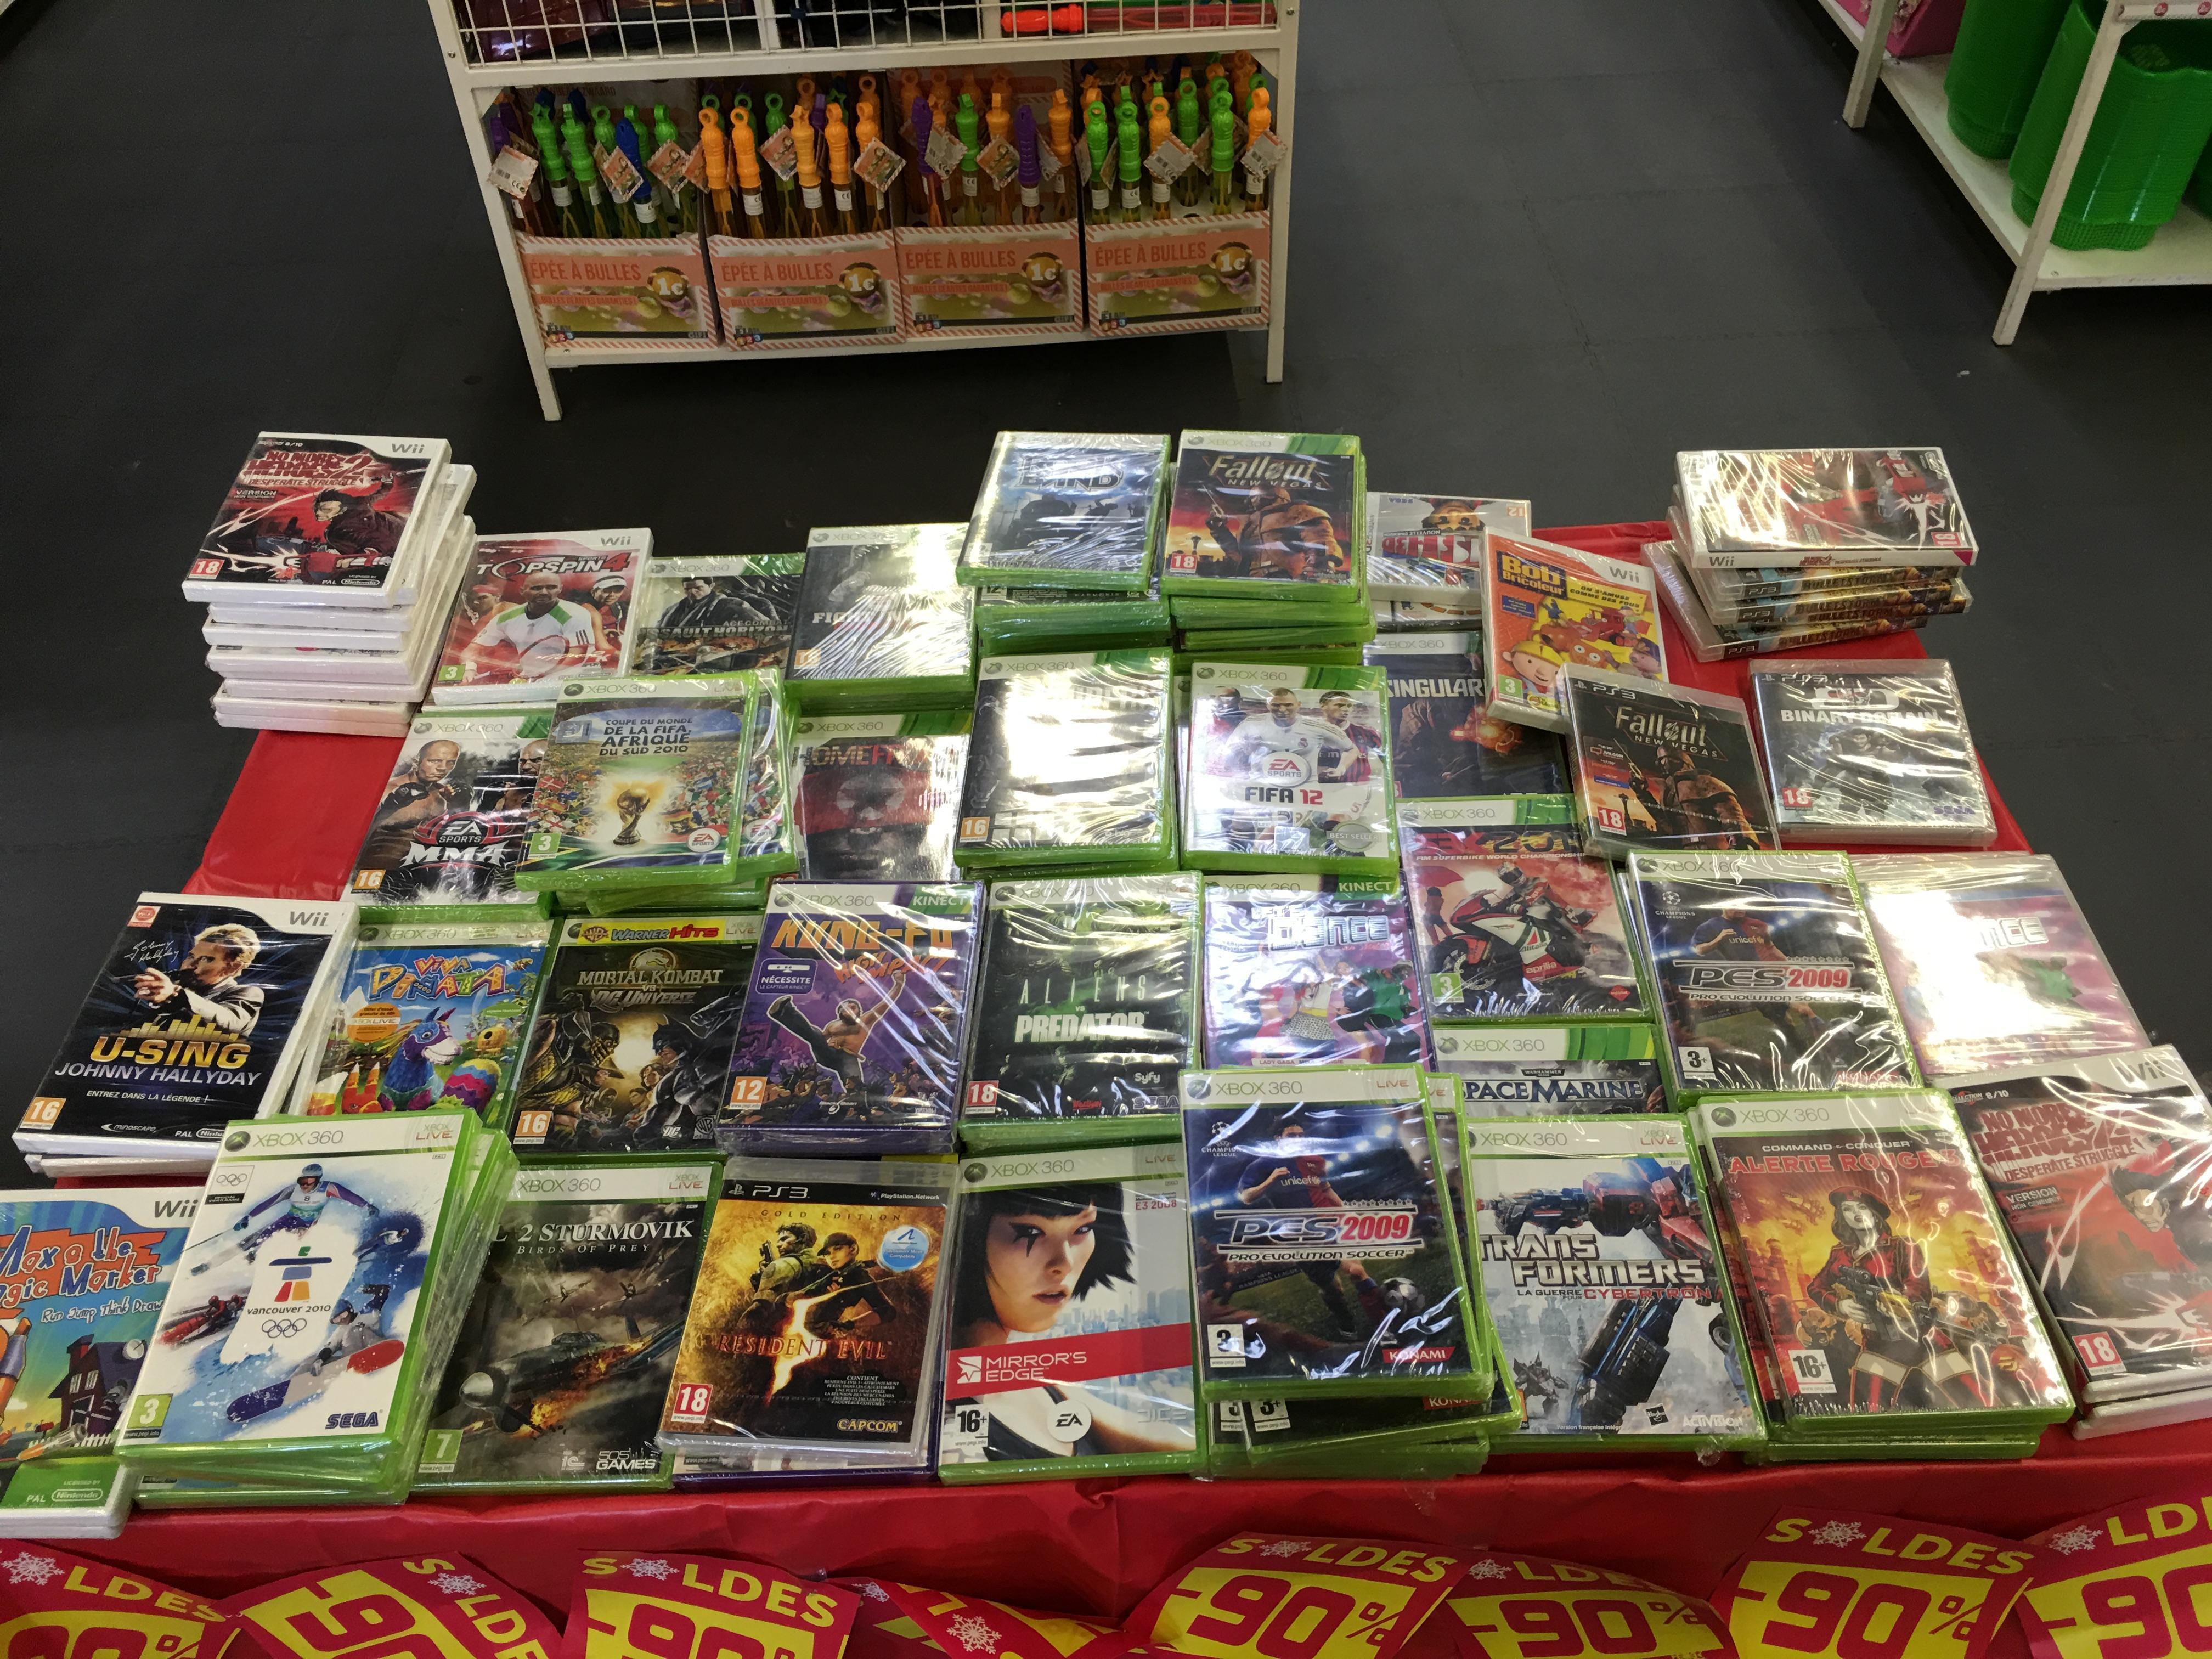 Sélection de jeux PS3 / Wii / Xbox 360 / 3DS / DS